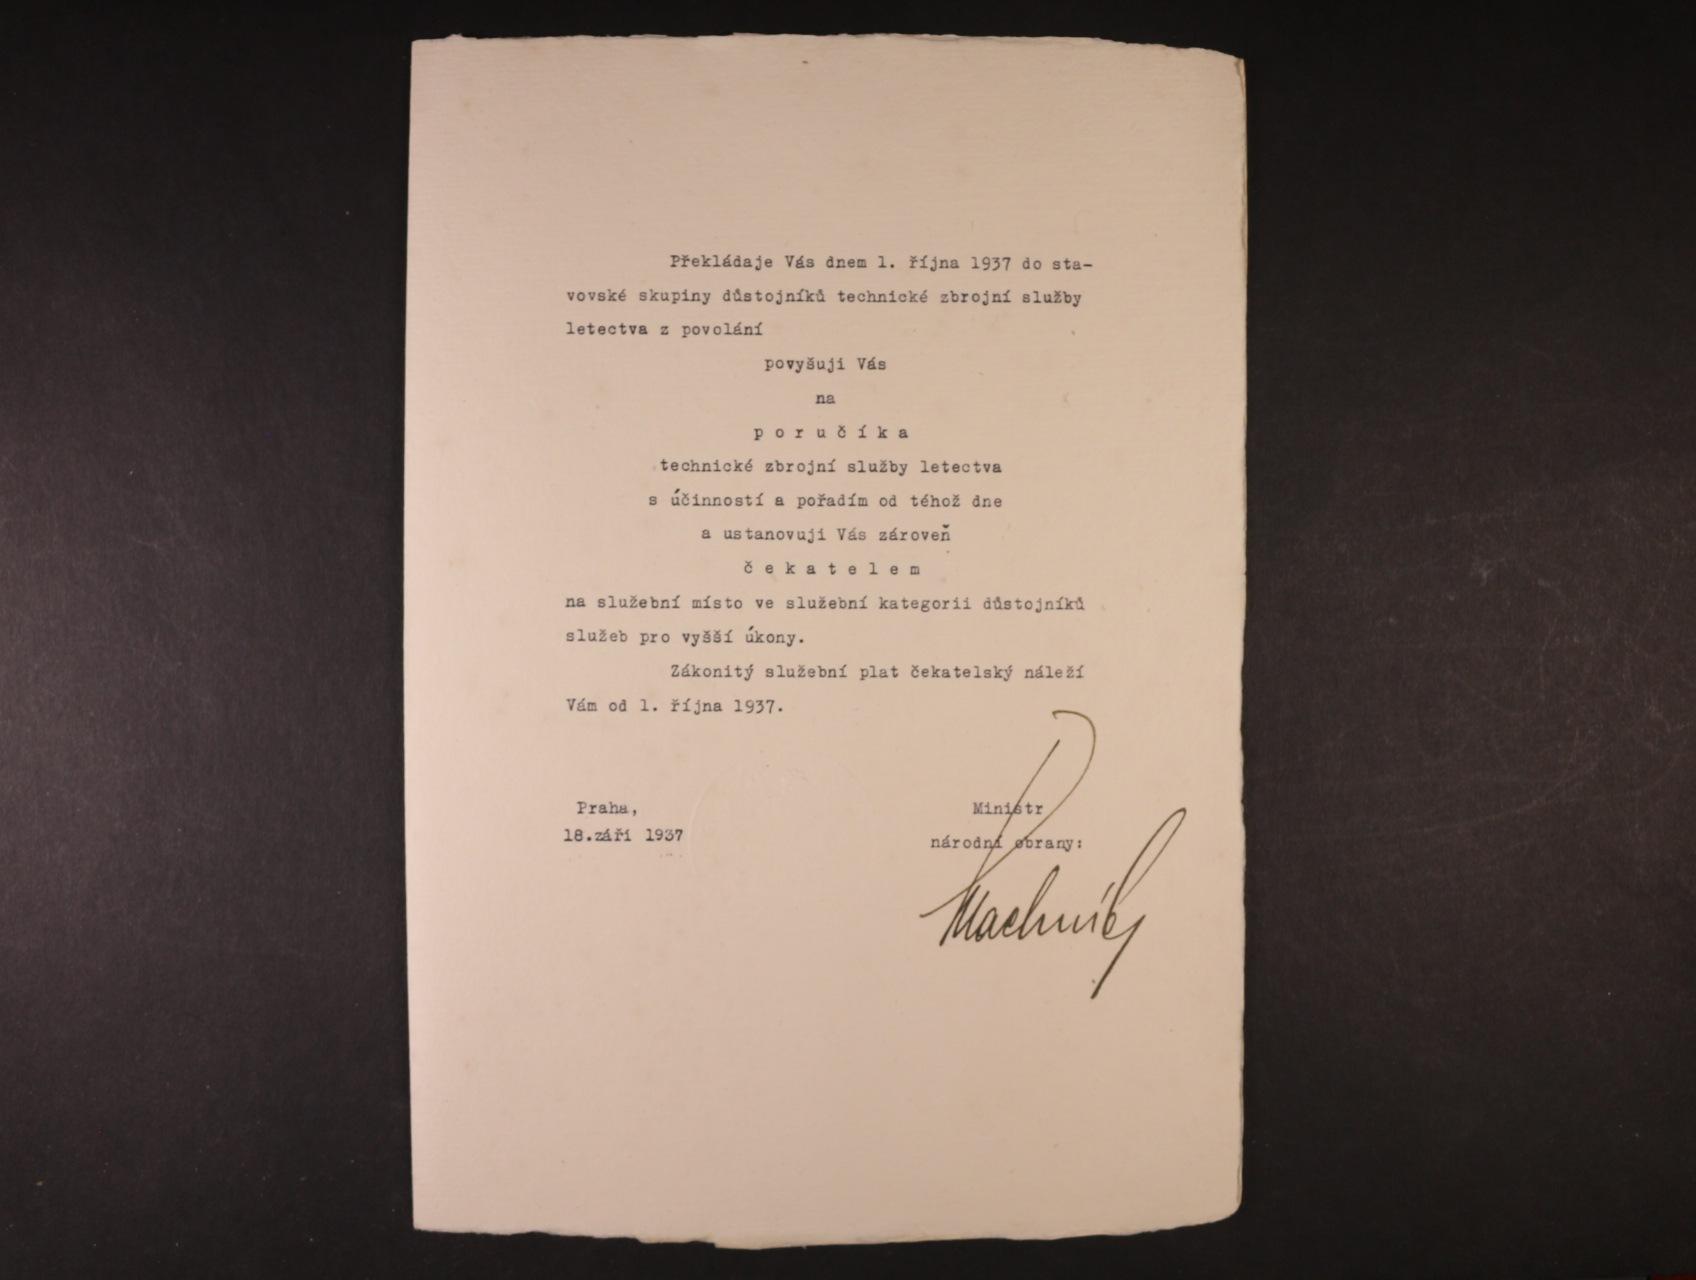 Machník František 1886 - 1967, význačný český politik, poslanec nár. shromáždění, ministr nár. obrany - povyšovací dekret s vlastnoručním podpisem a datací 18.9.1937